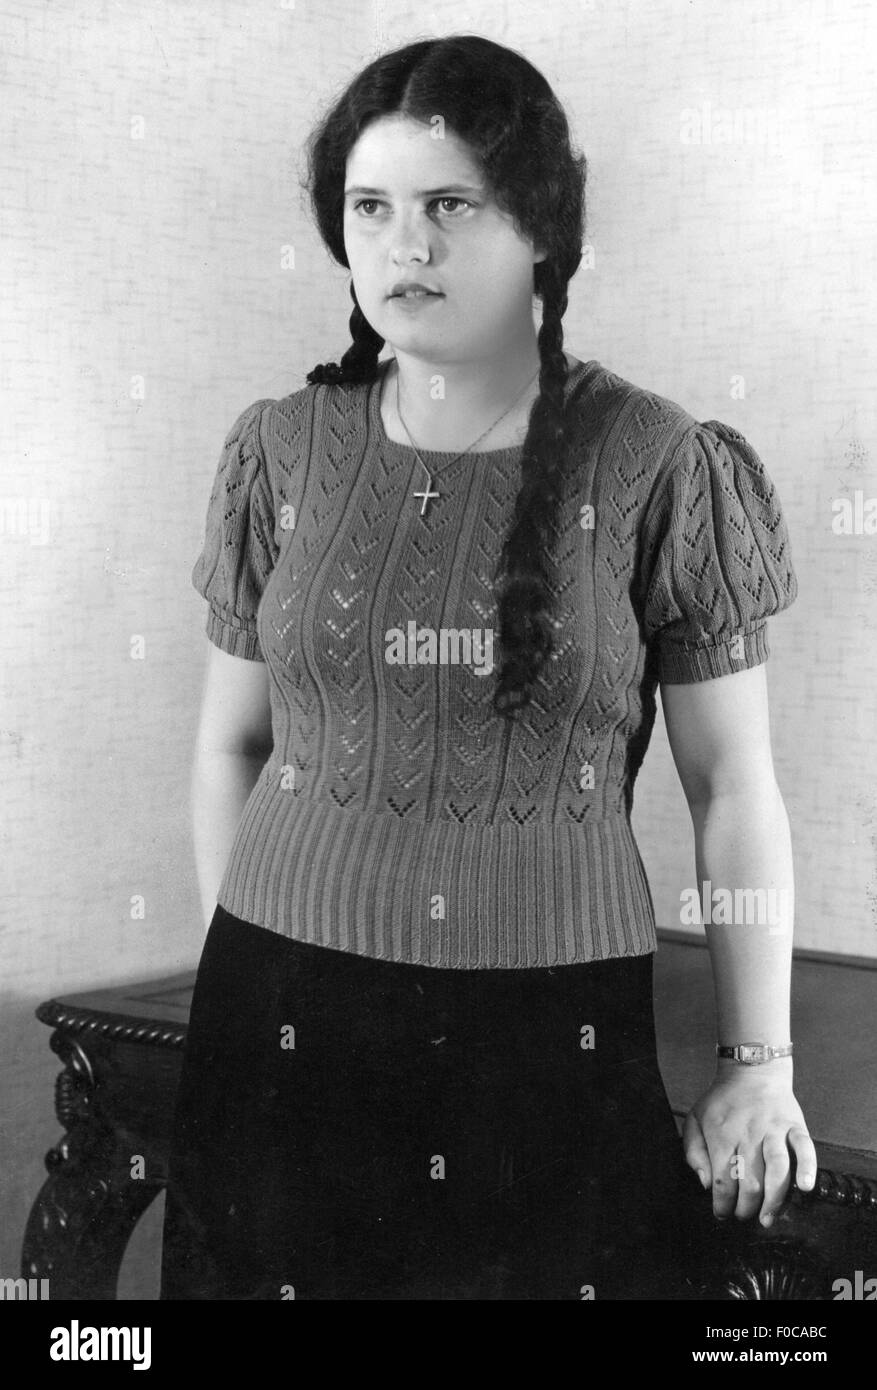 Frisuren Der 1930er Jahre Stockfotos Frisuren Der 1930er Jahre